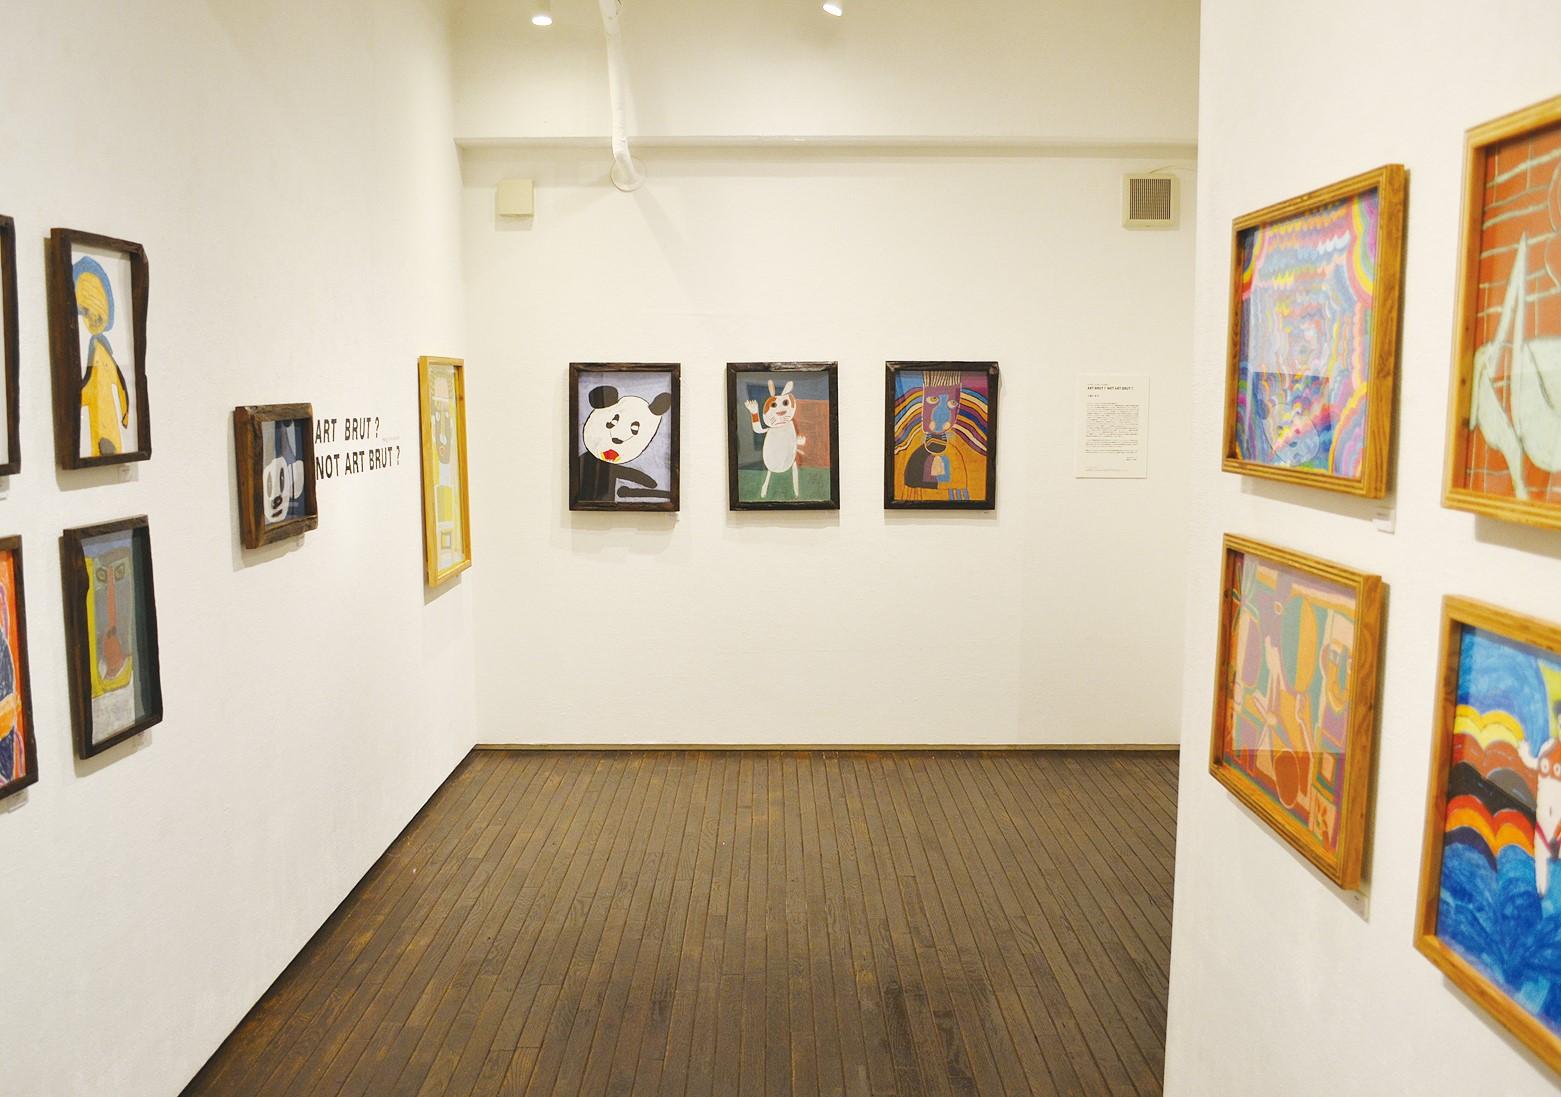 昨年の12月、大阪の「iTohen」にて開催された展覧会「BRUT?NOT ART BRUT?」。アール・ブリュットと呼ばれてひとくくりにされることに疑問符を投げかける。